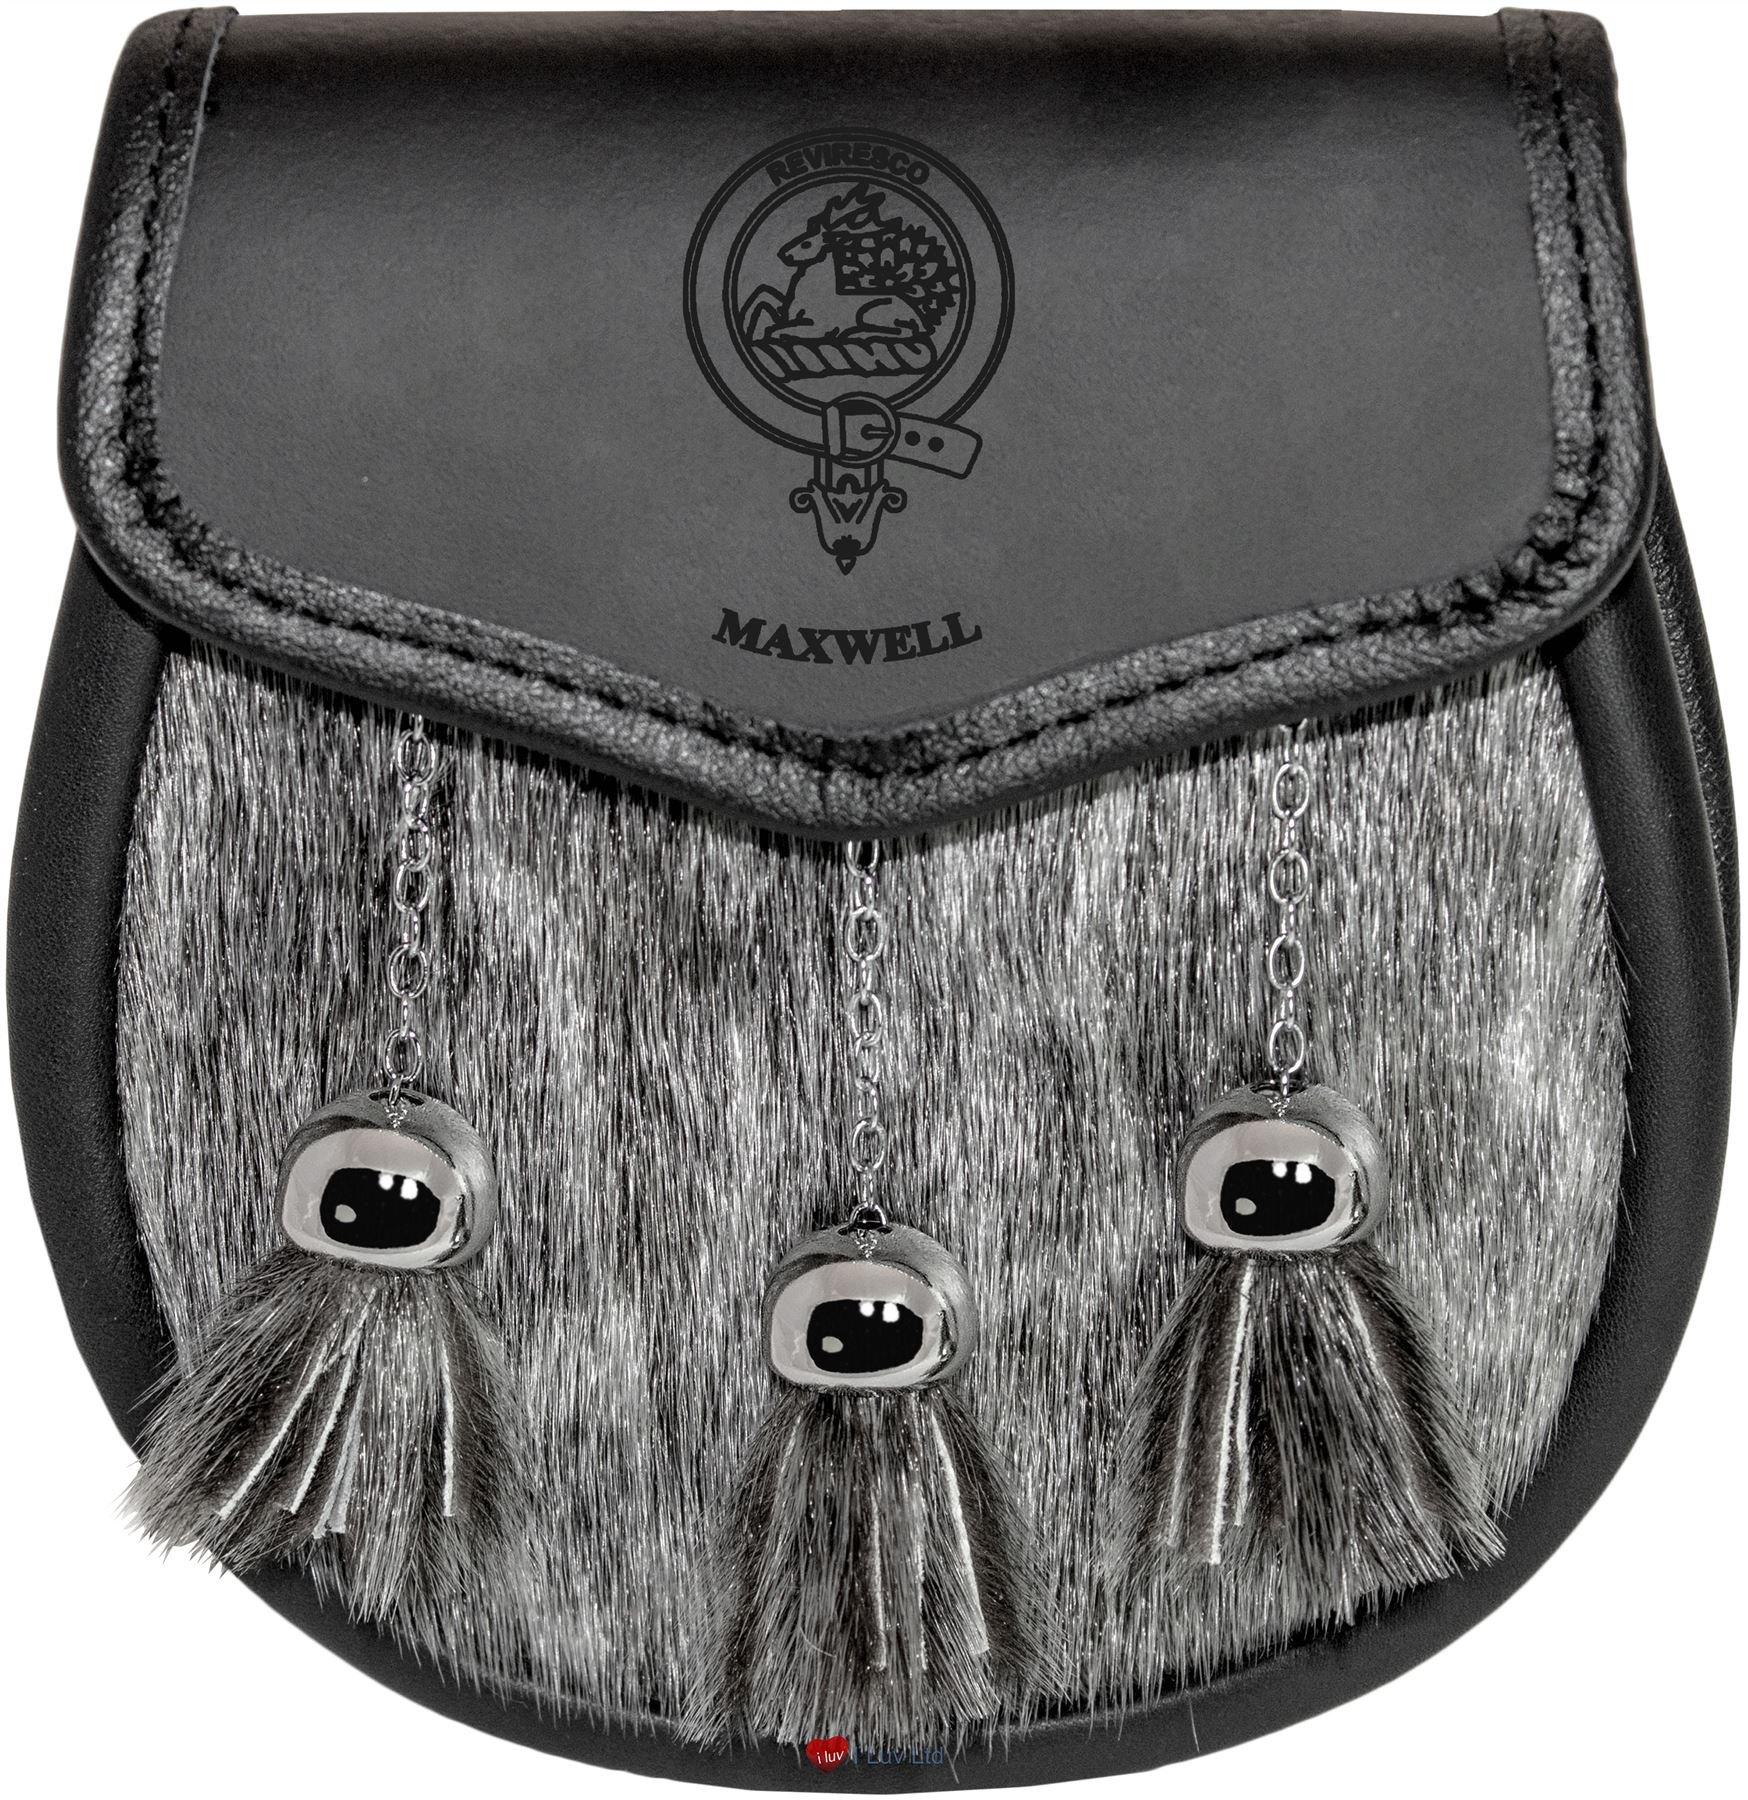 Maxwell Semi Dress Sporran Fur Plain Leather Flap Scottish Clan Crest